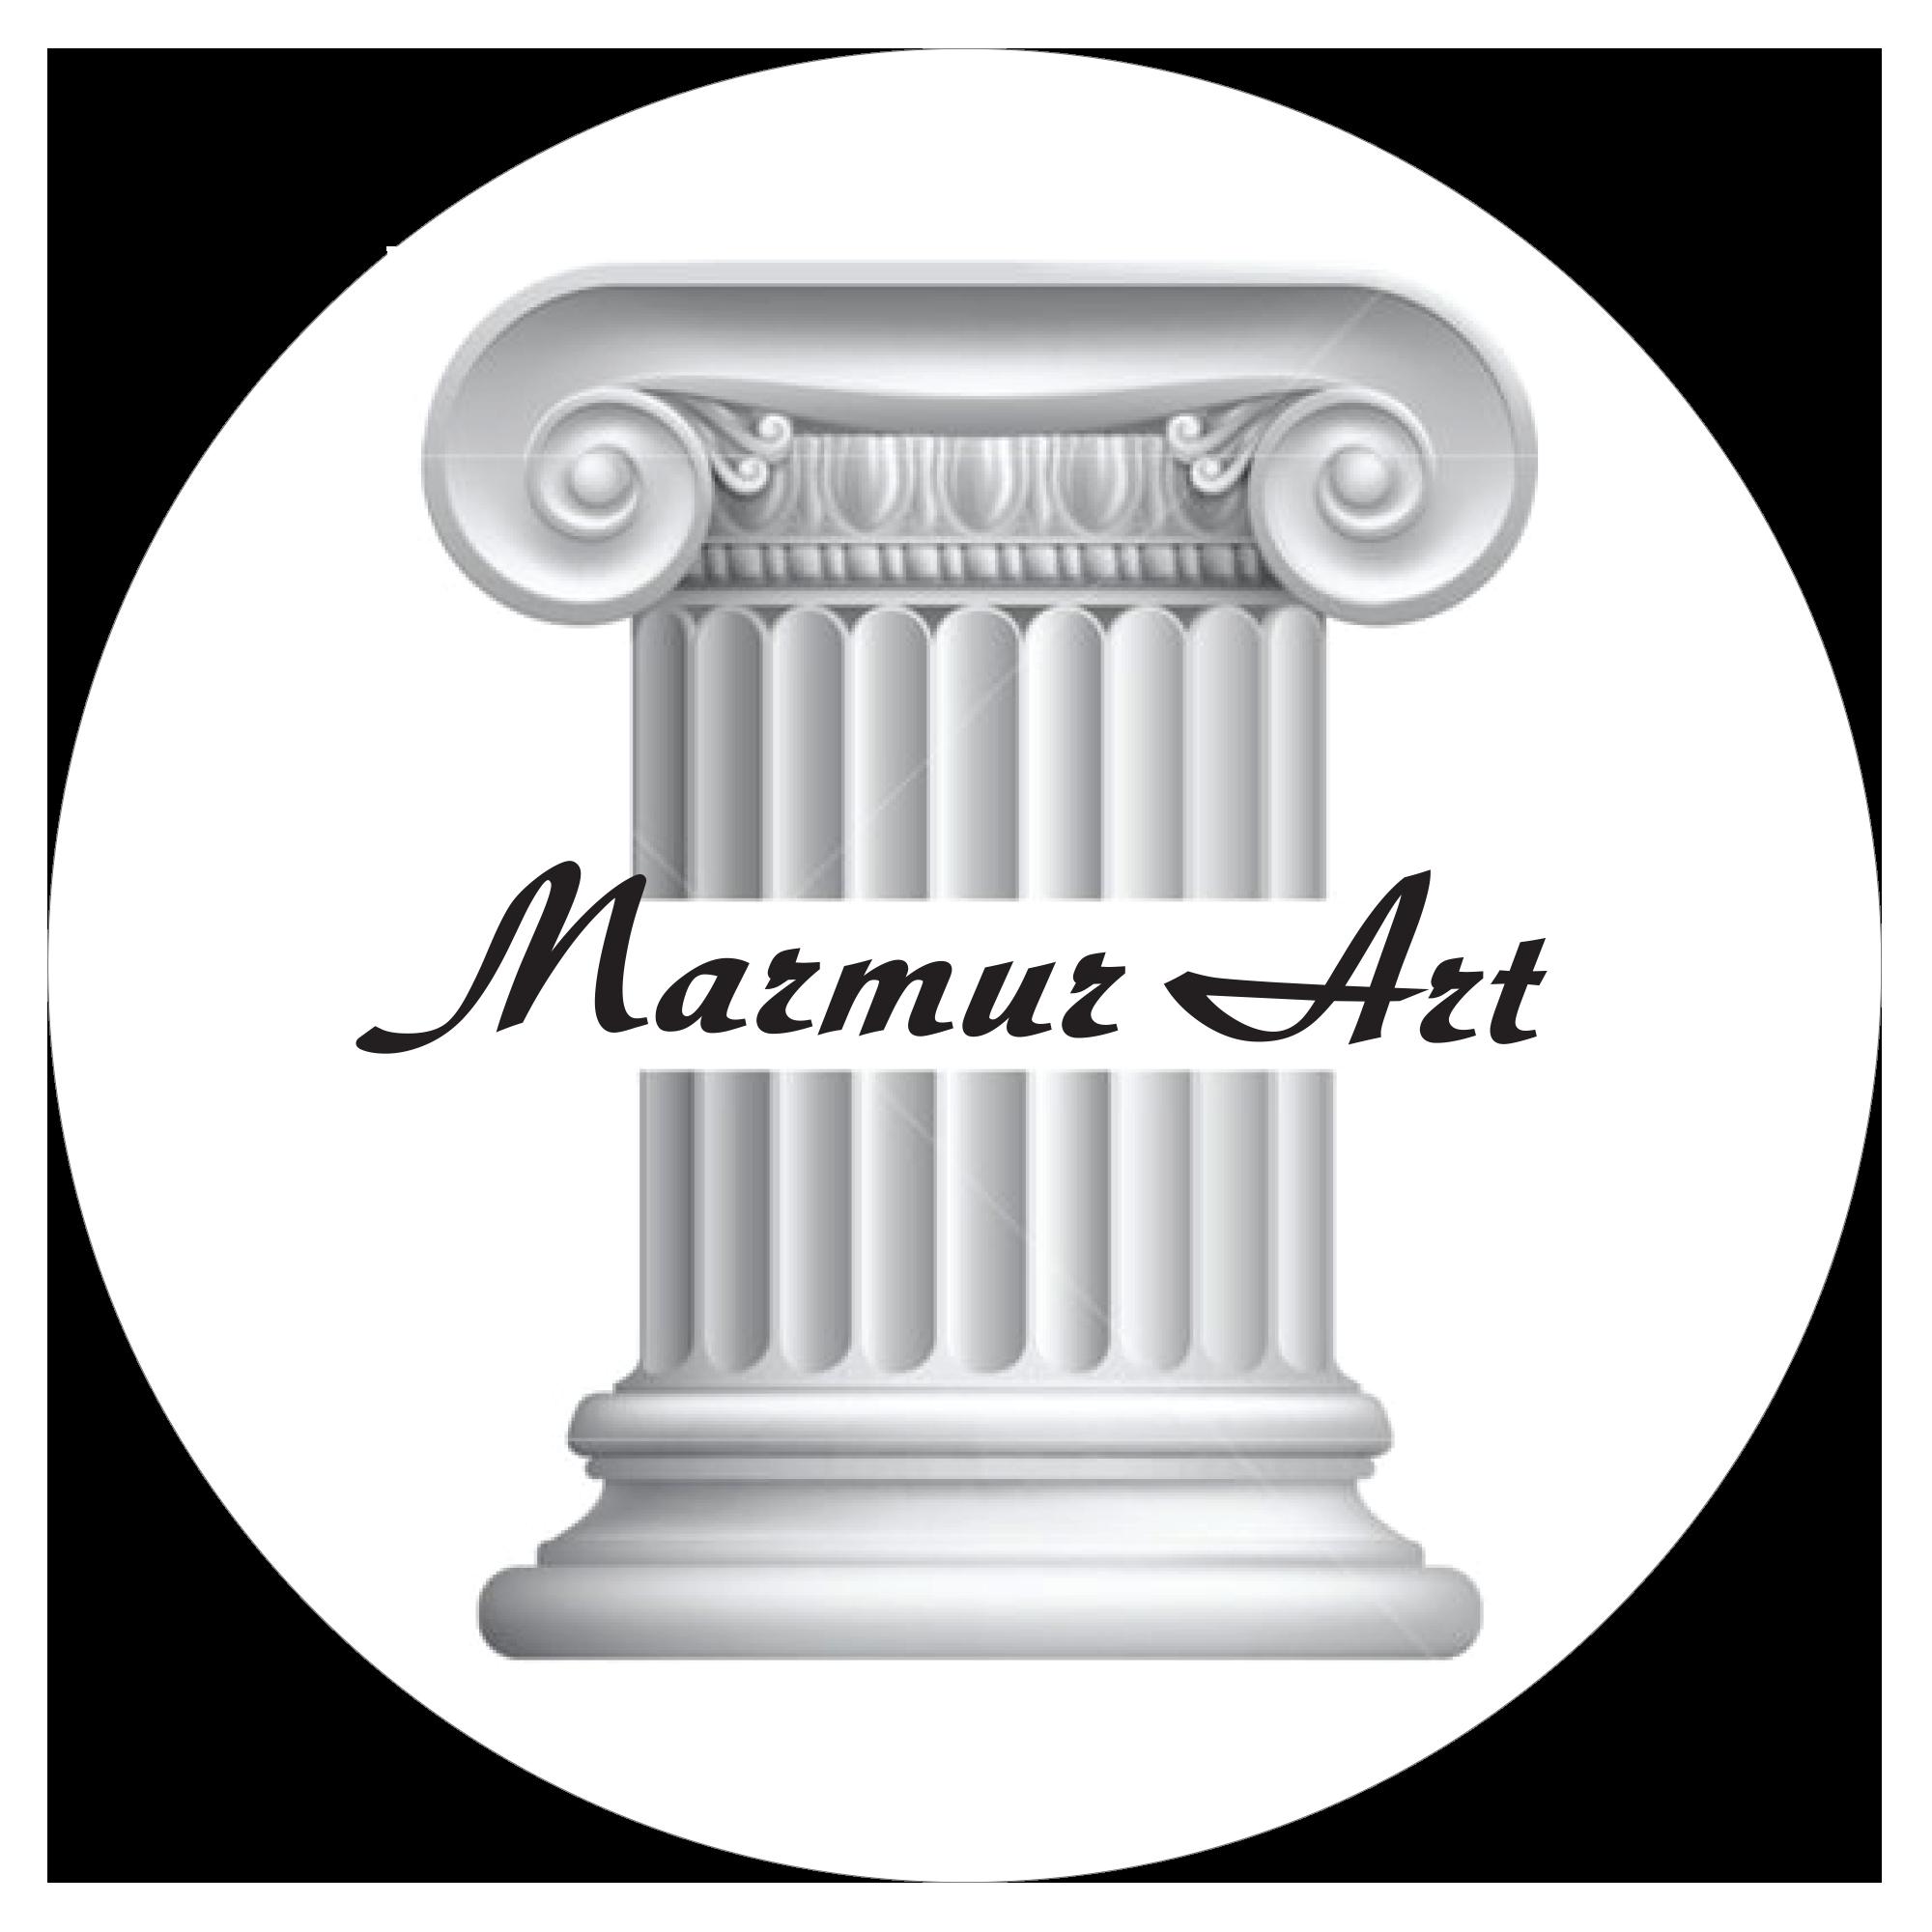 MarmurArt – Marmura si piatra naturala